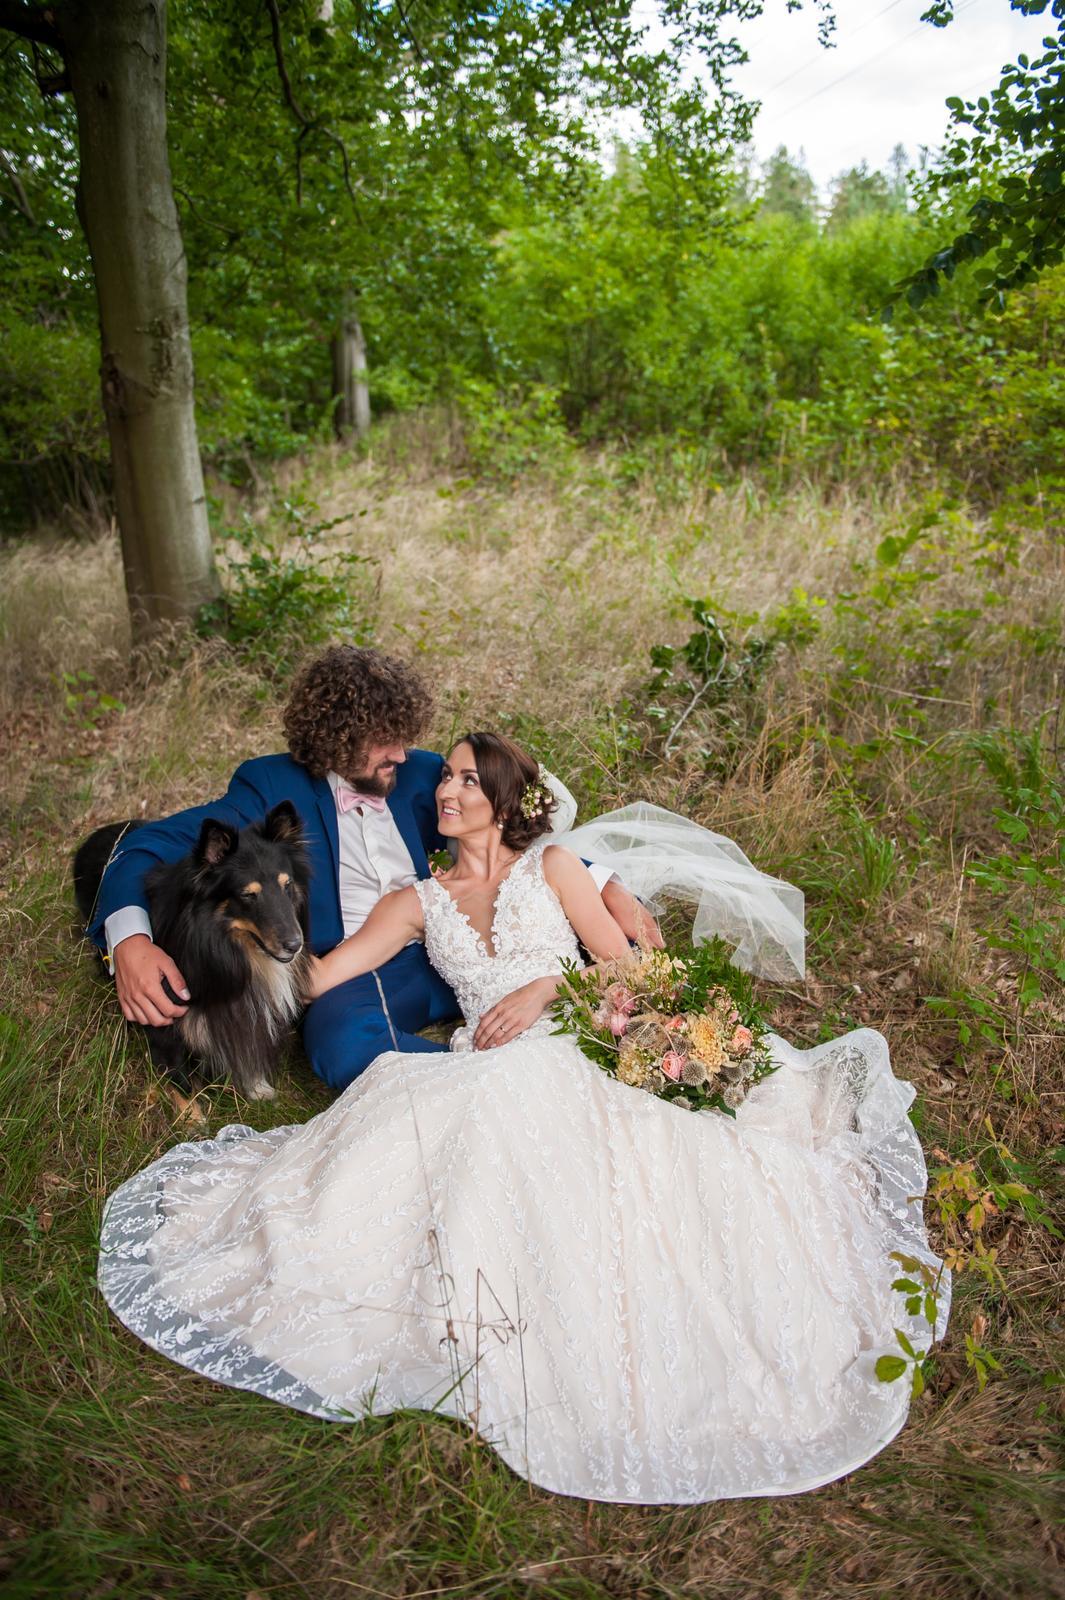 Wedding ♥ - Obrázek č. 72